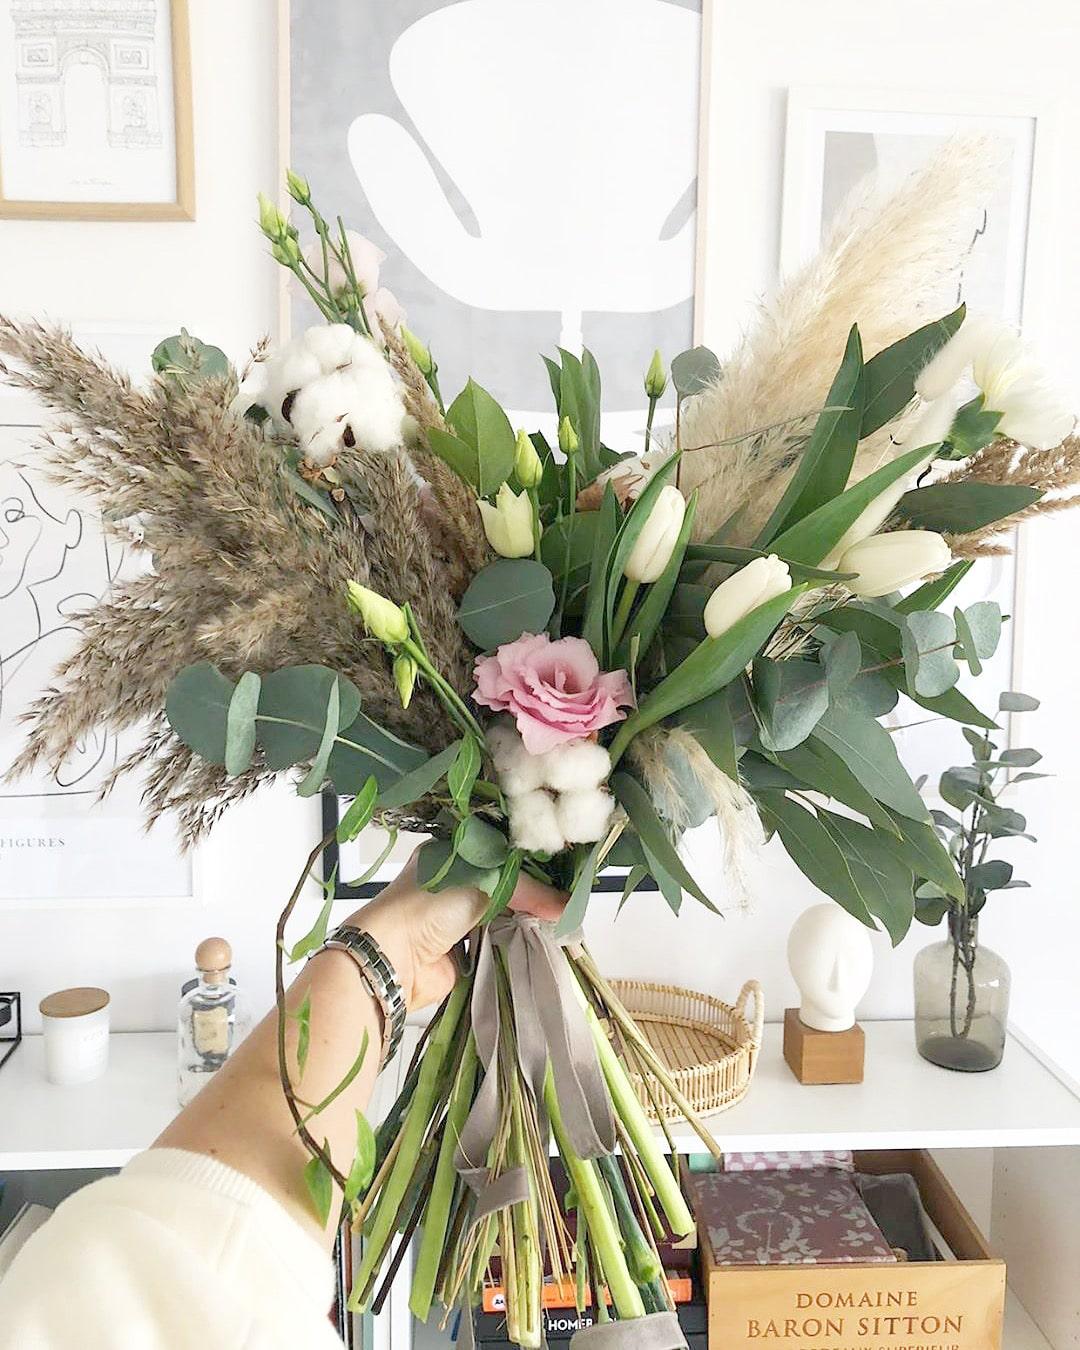 Pielęgnacja kwiatów w wazonie – najbardziej trwałe odmiany kwiatów do wazonu